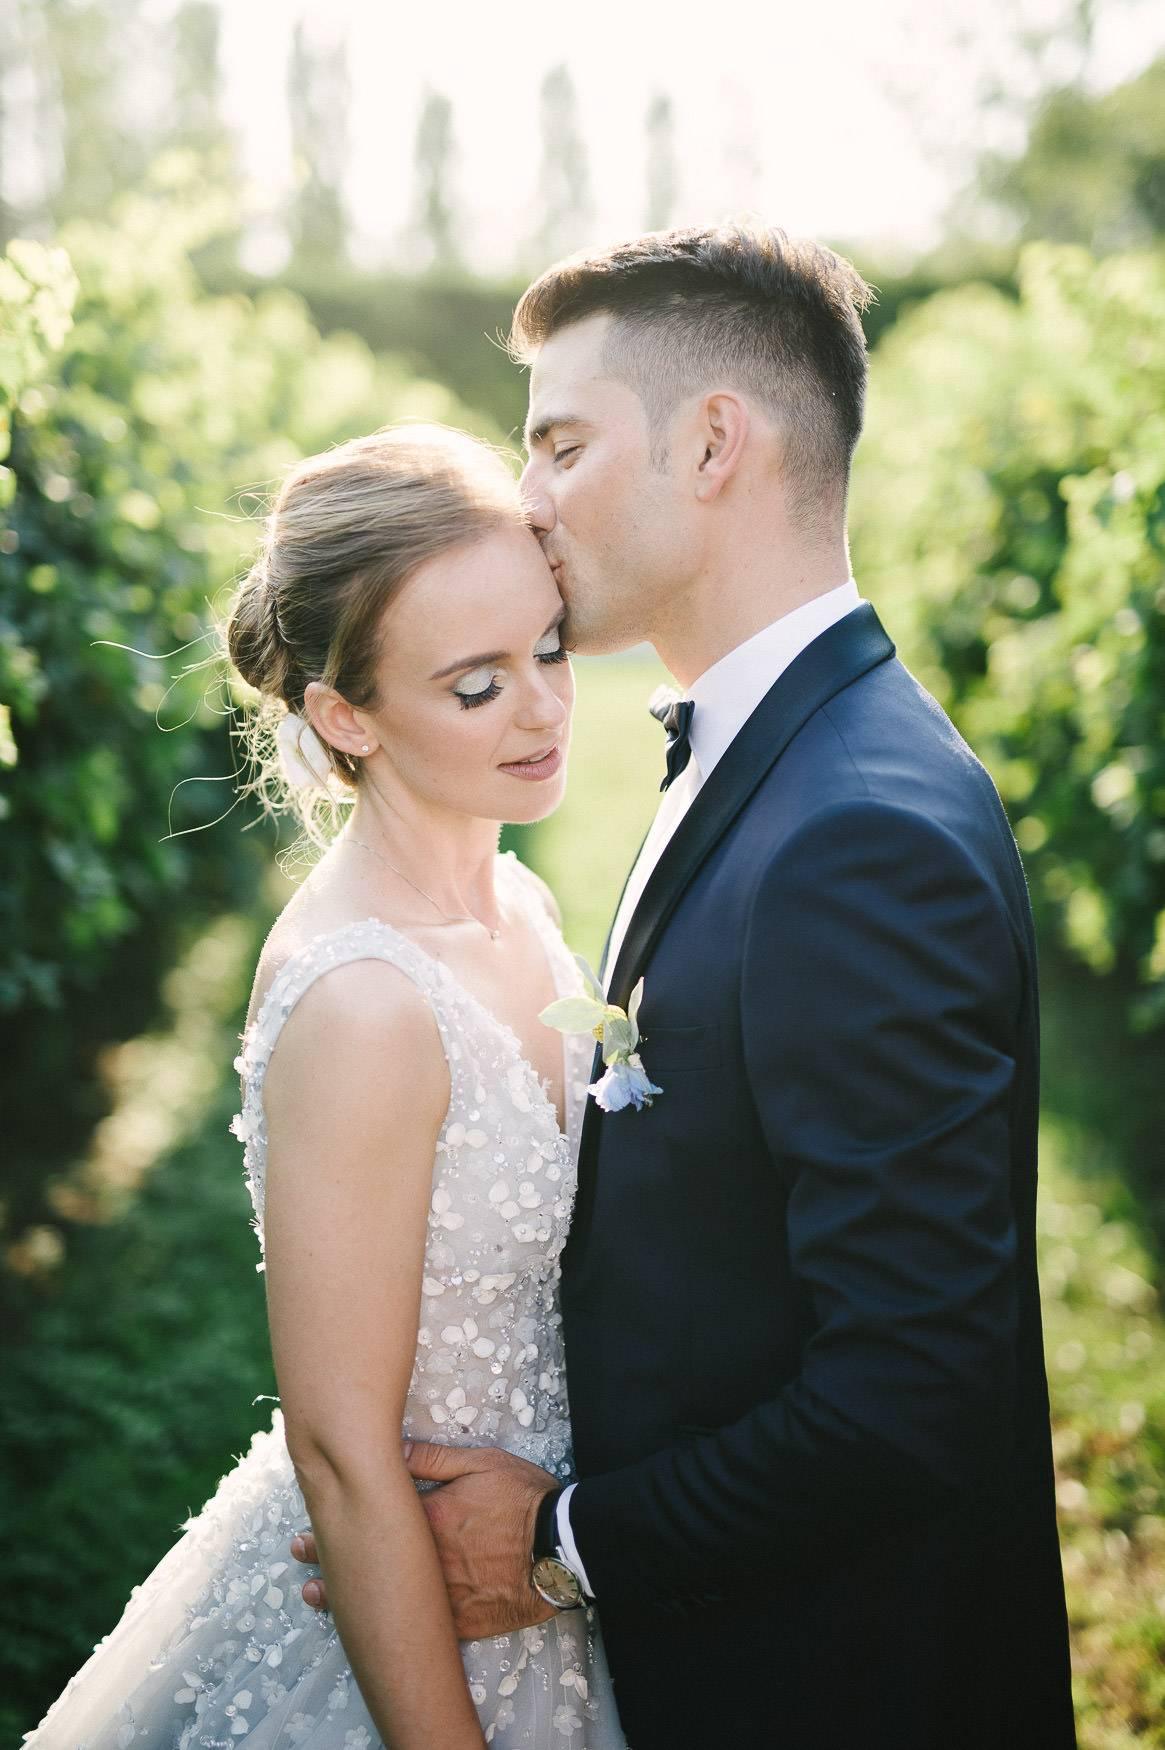 Matrimonio In Verona : Fotografo matrimonio verona video matrimonio verona